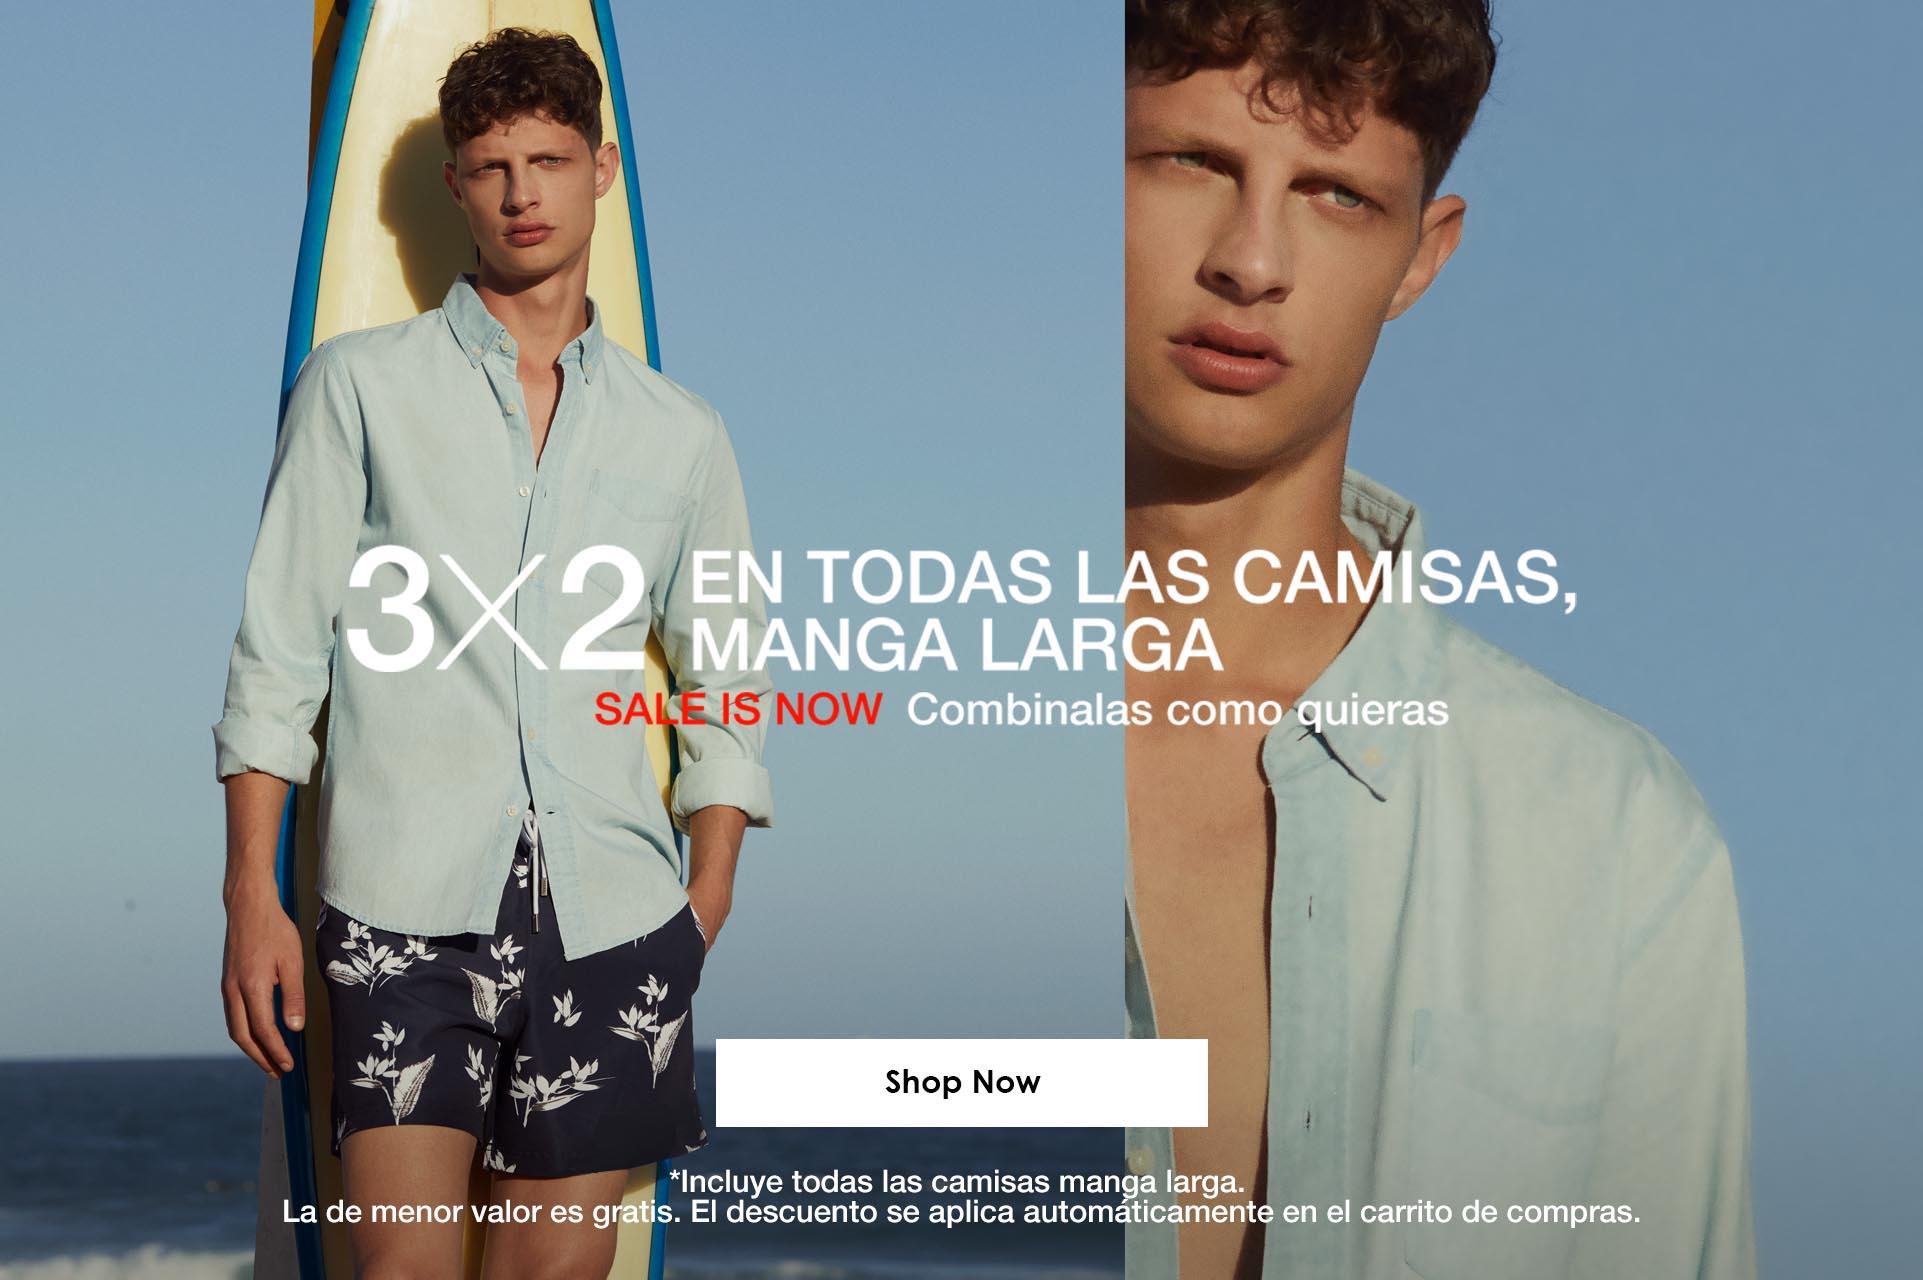 Promos - Sale 3x